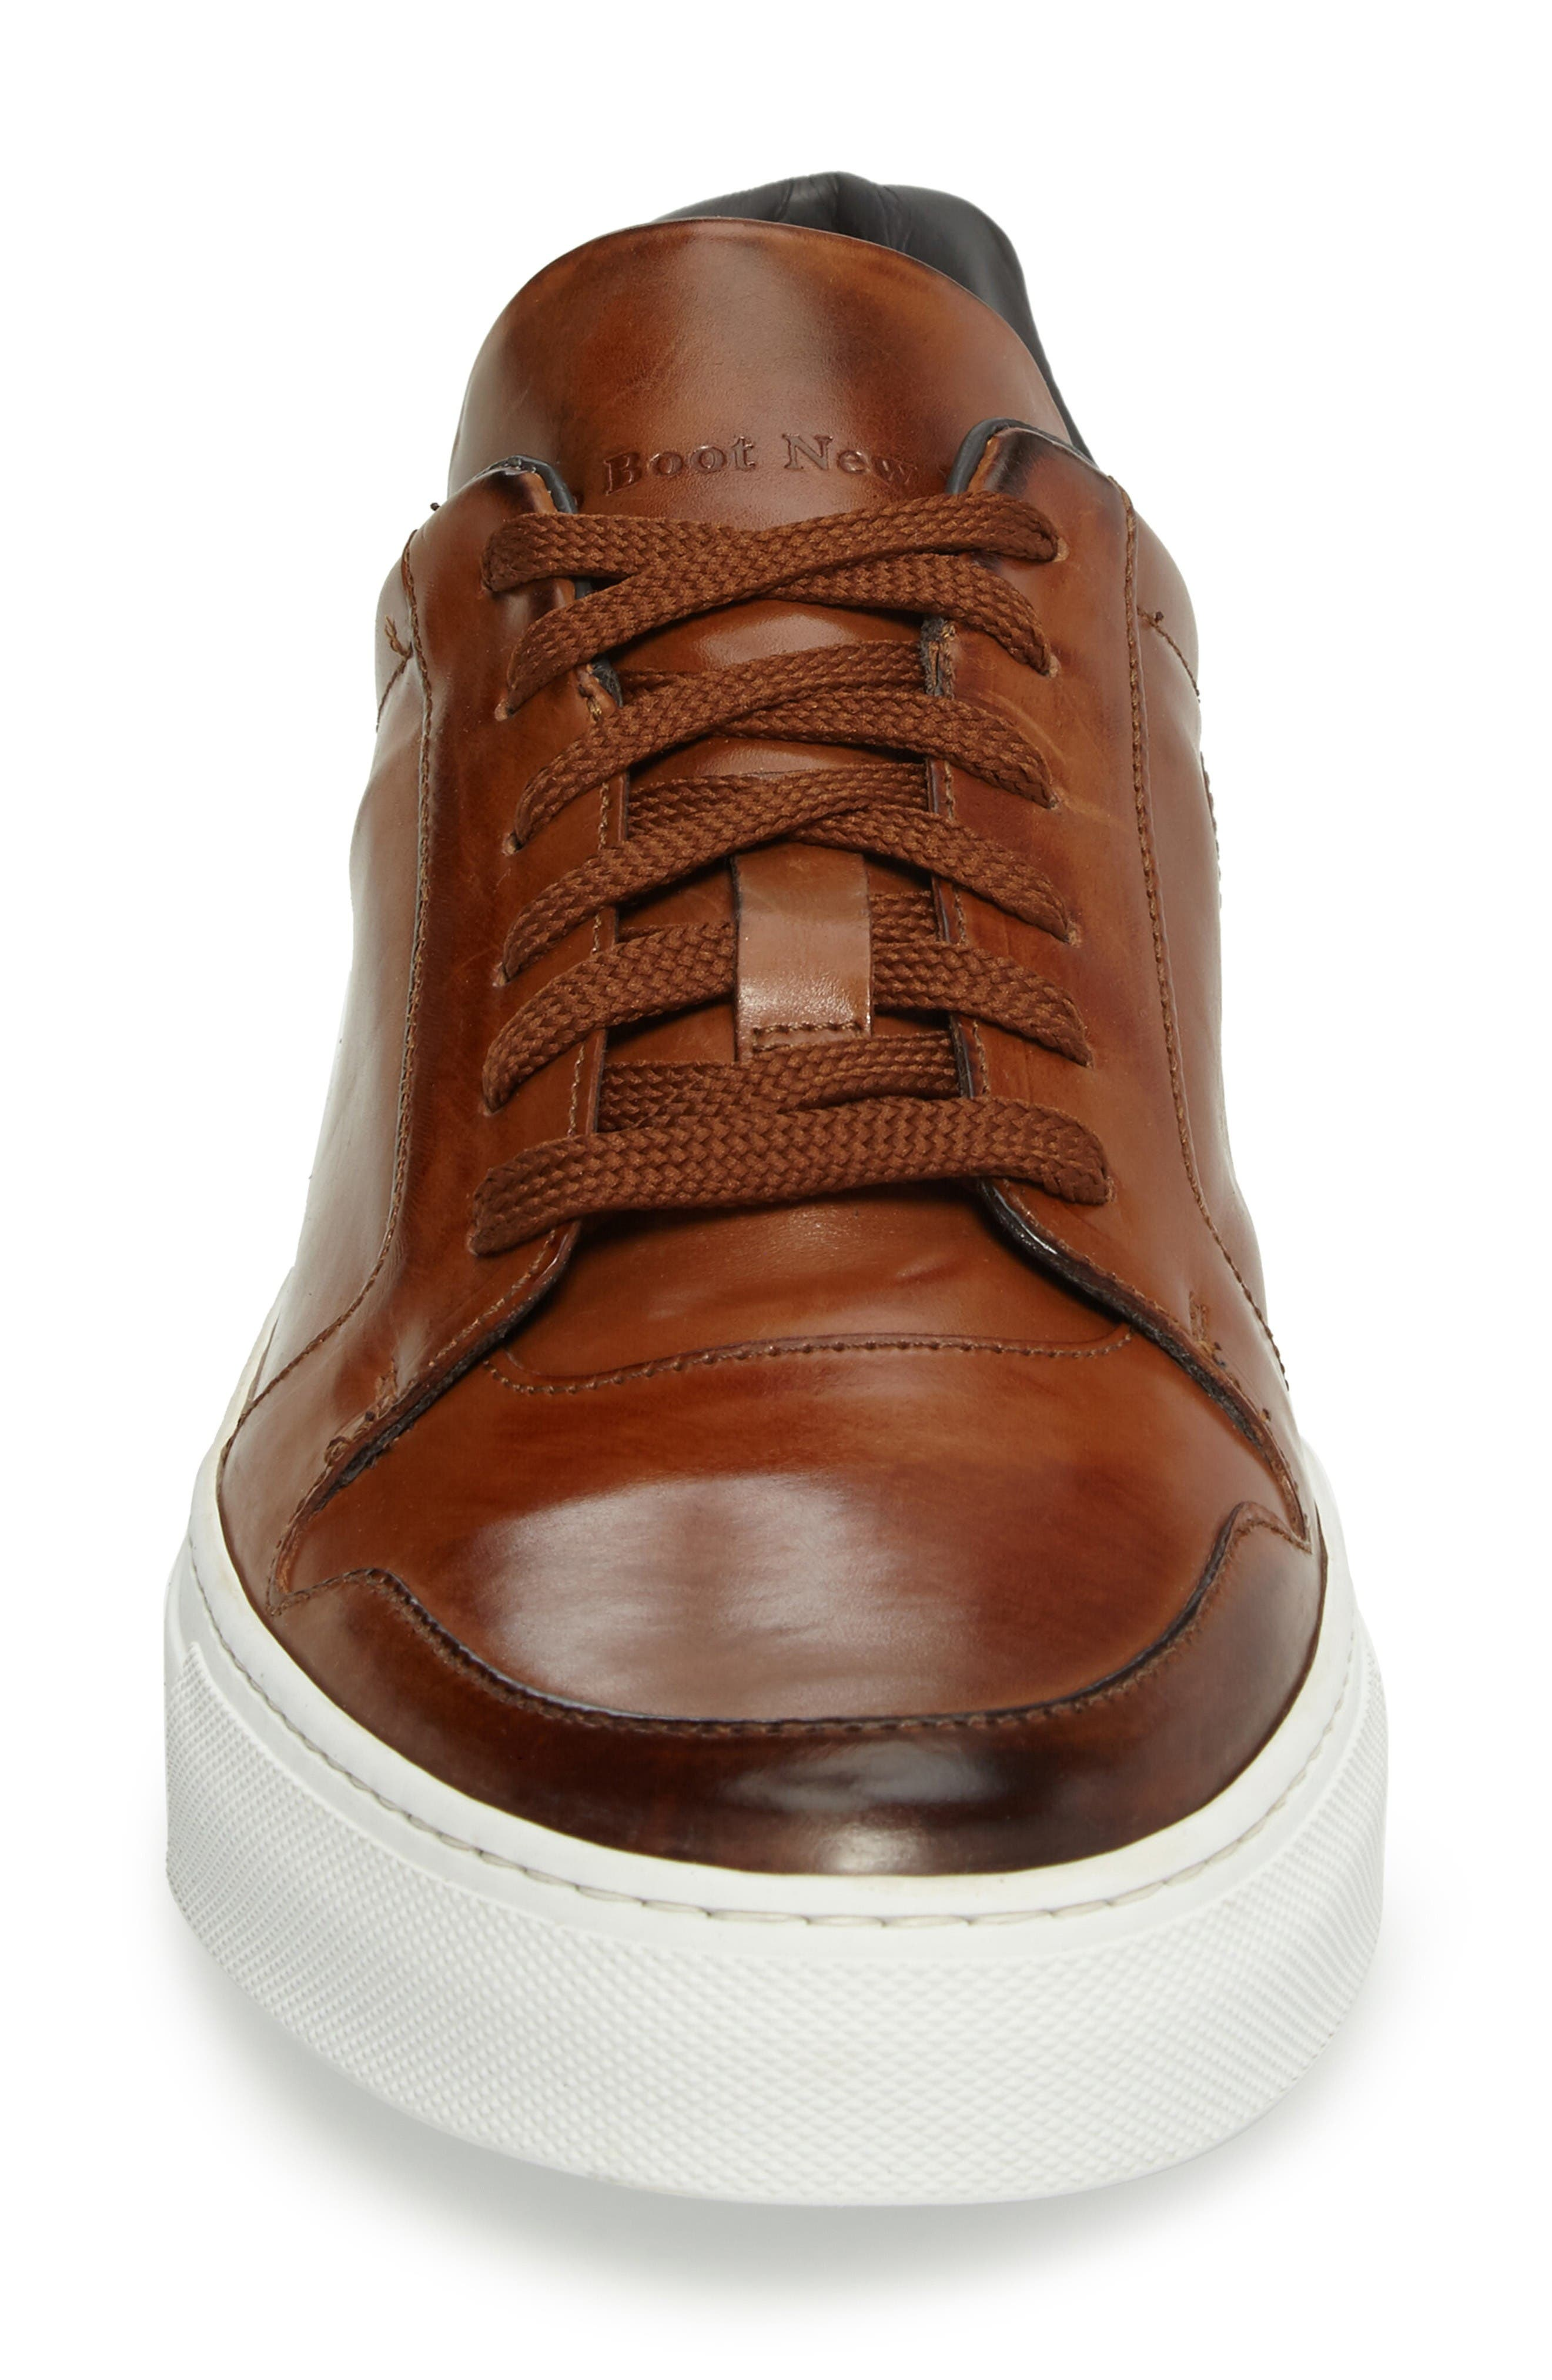 Alternate Image 4  - To Boot New York Calvin Sneaker (Men)